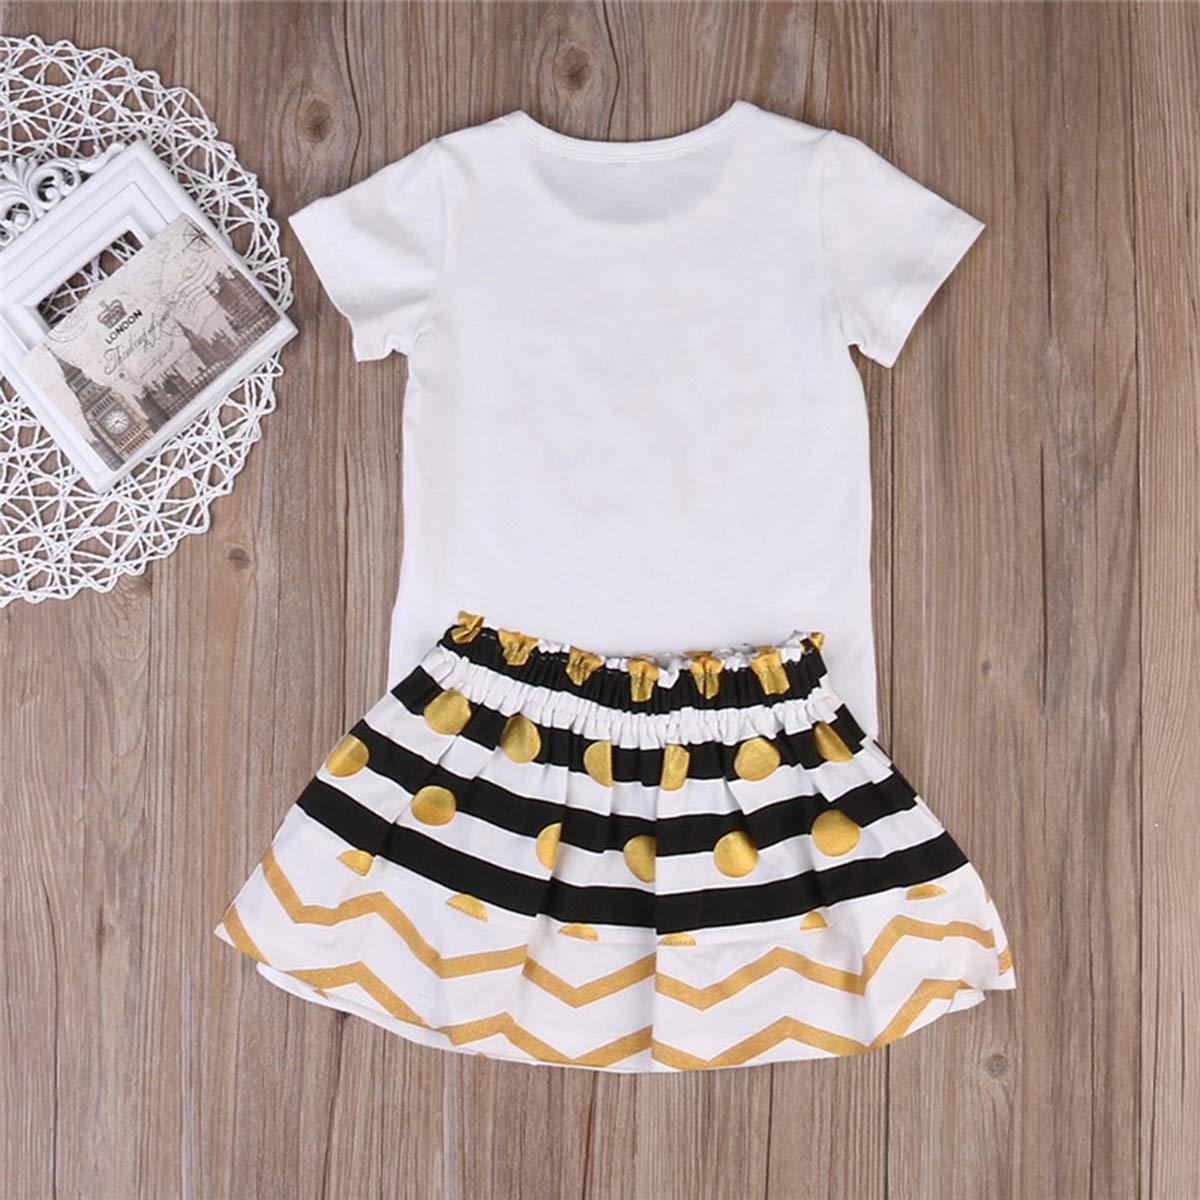 XingYue Direct 2pcs Neonato Pagliaccetto del Bambino del Capretto delle Ragazze del Bambino//Maglietta Vestiti Casuali di Compleanno del Pannello Esterno Messi